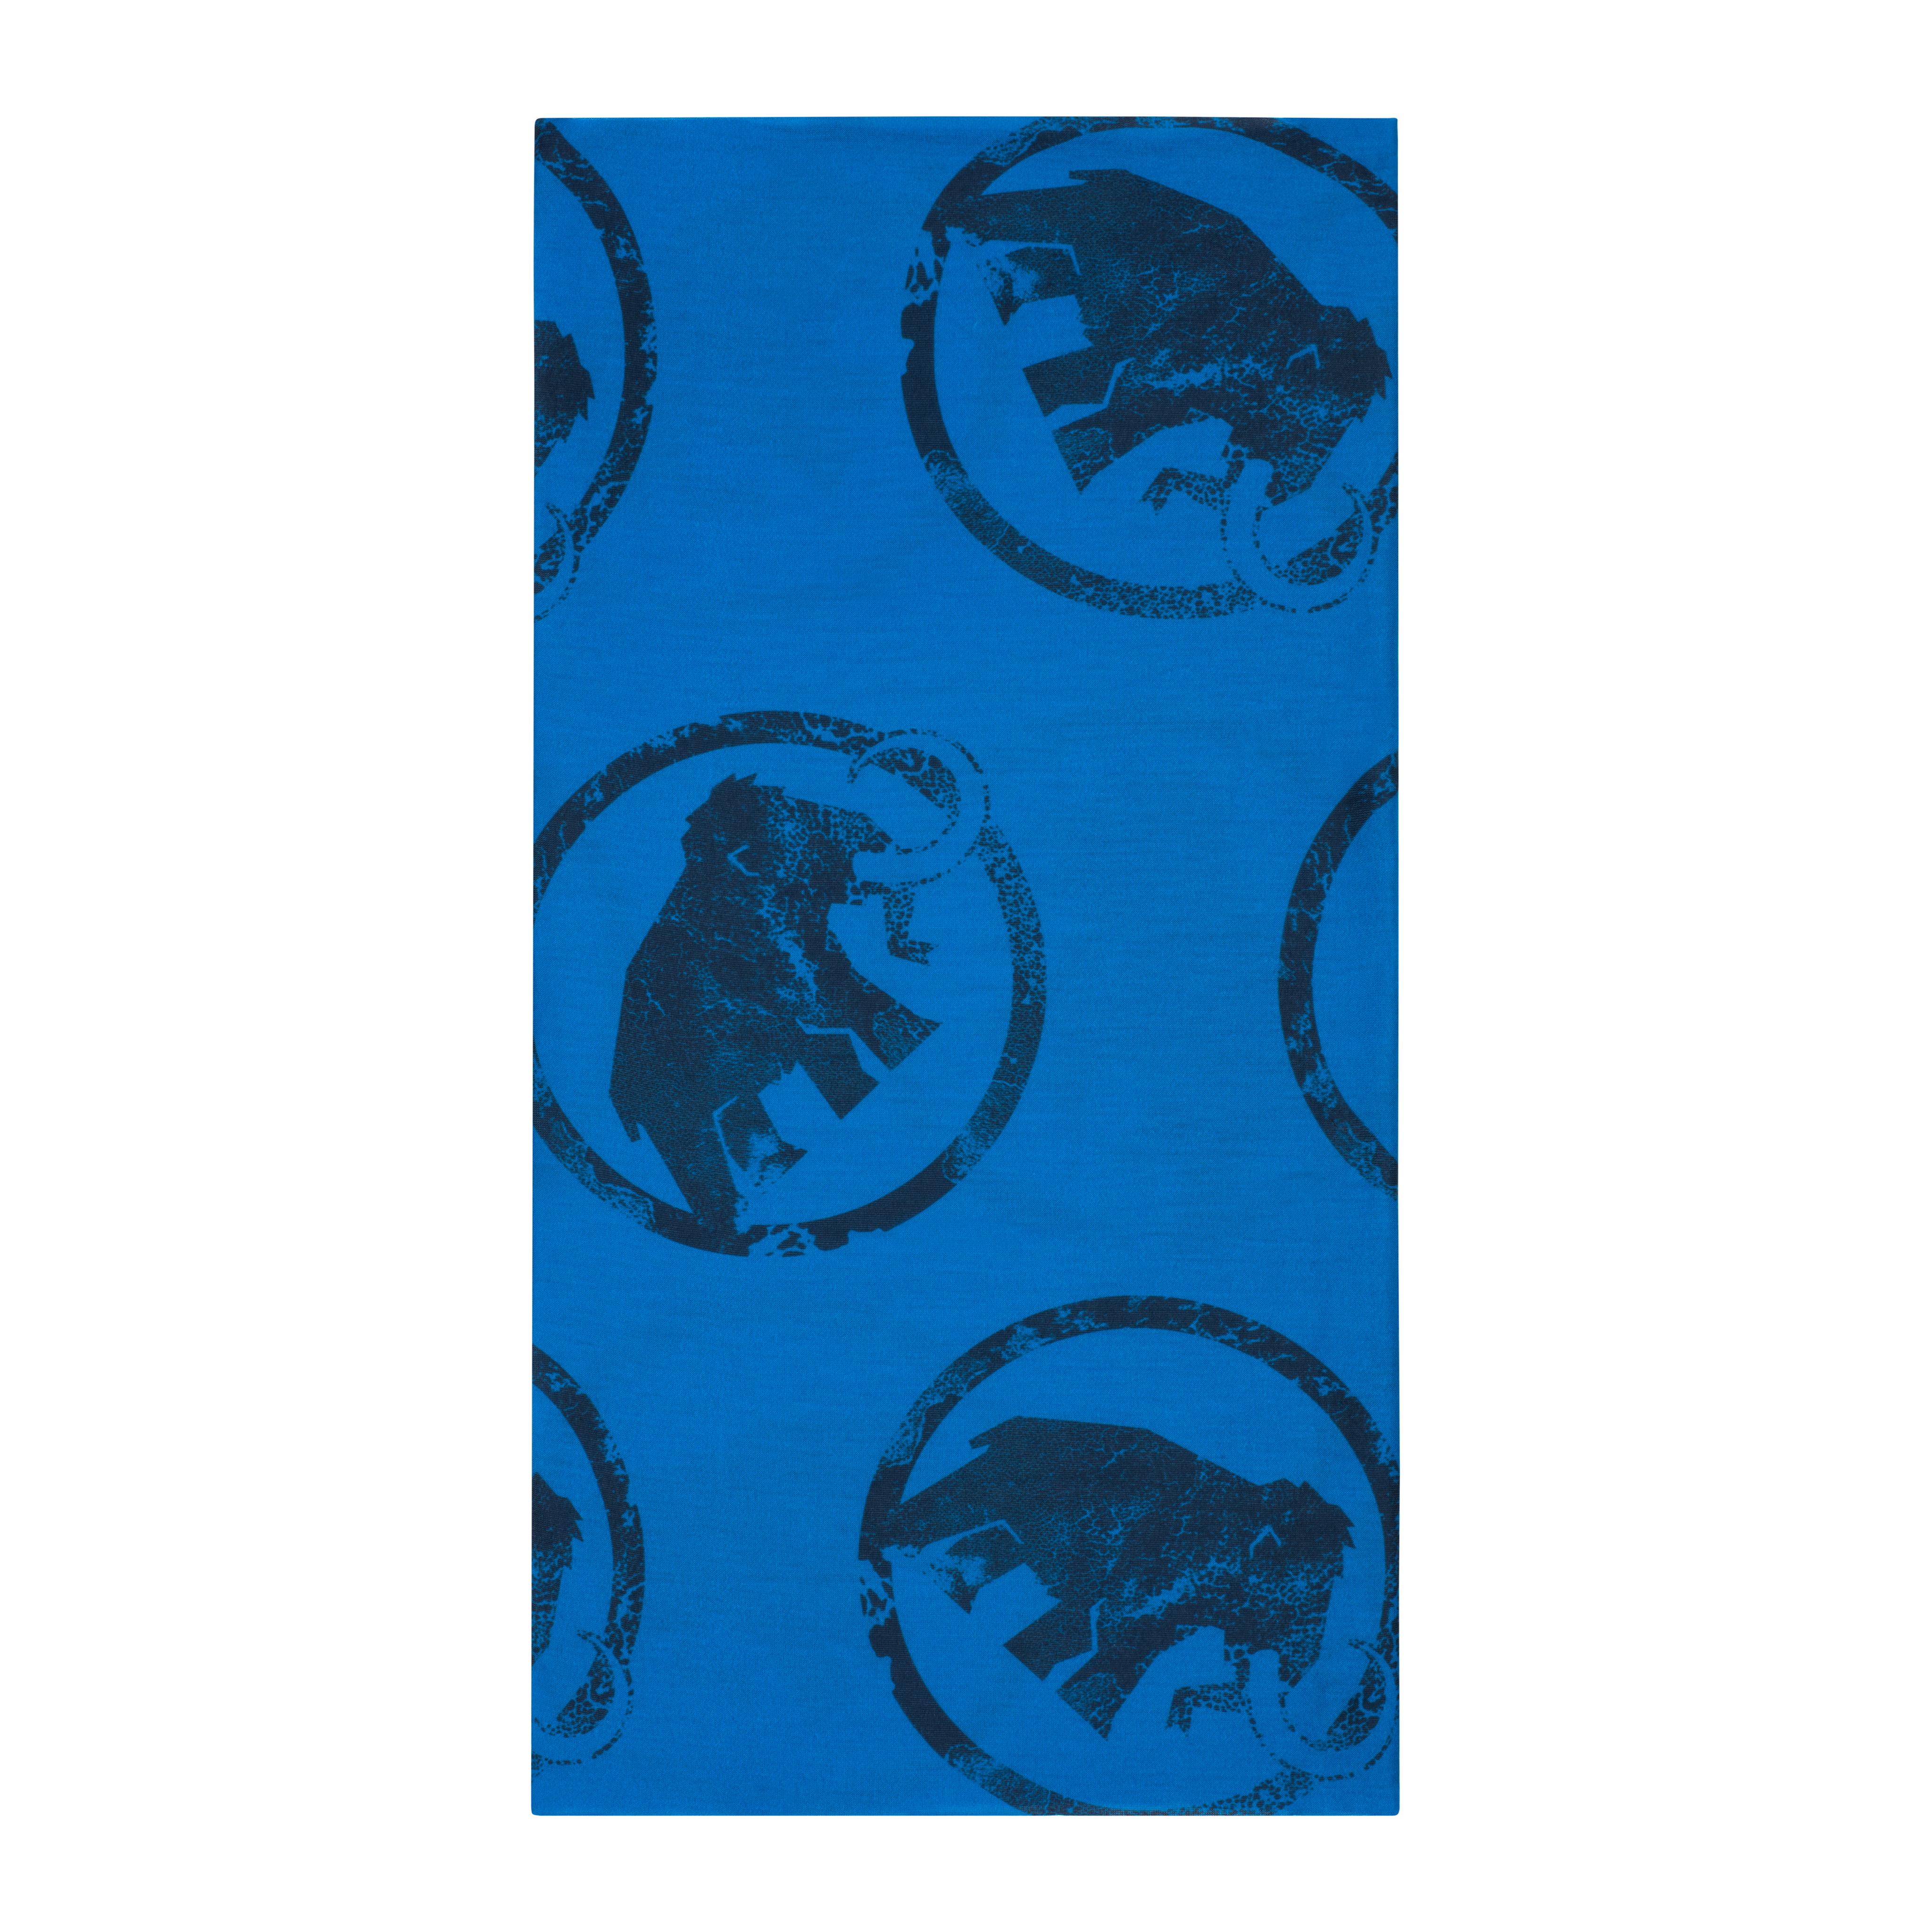 Mammut Neck Gaiter - ice-marine, one size product image